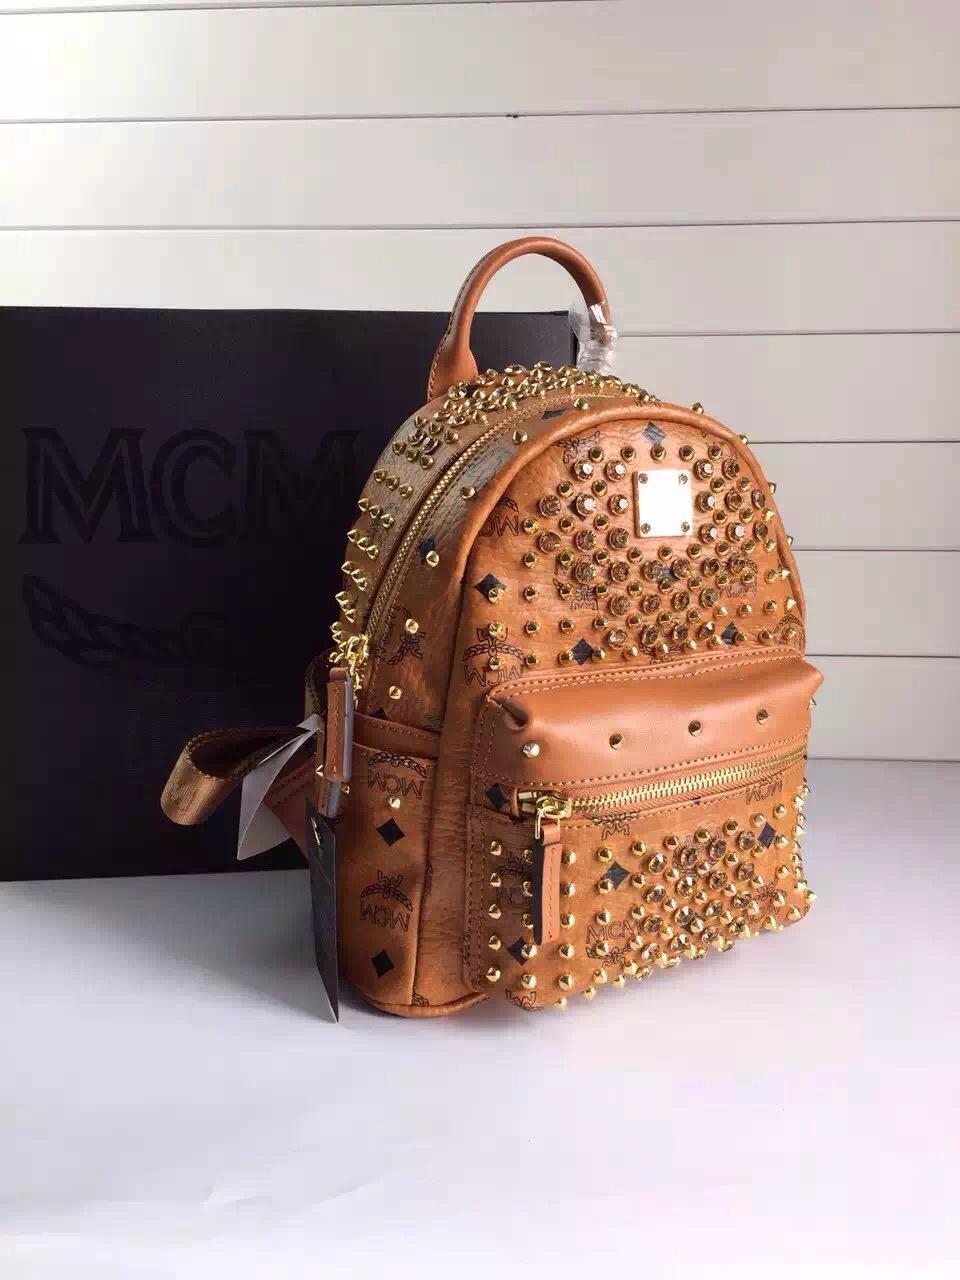 MCM原单 限量版双肩包 纯手工铆钉配水钻 专柜全包装 土黄